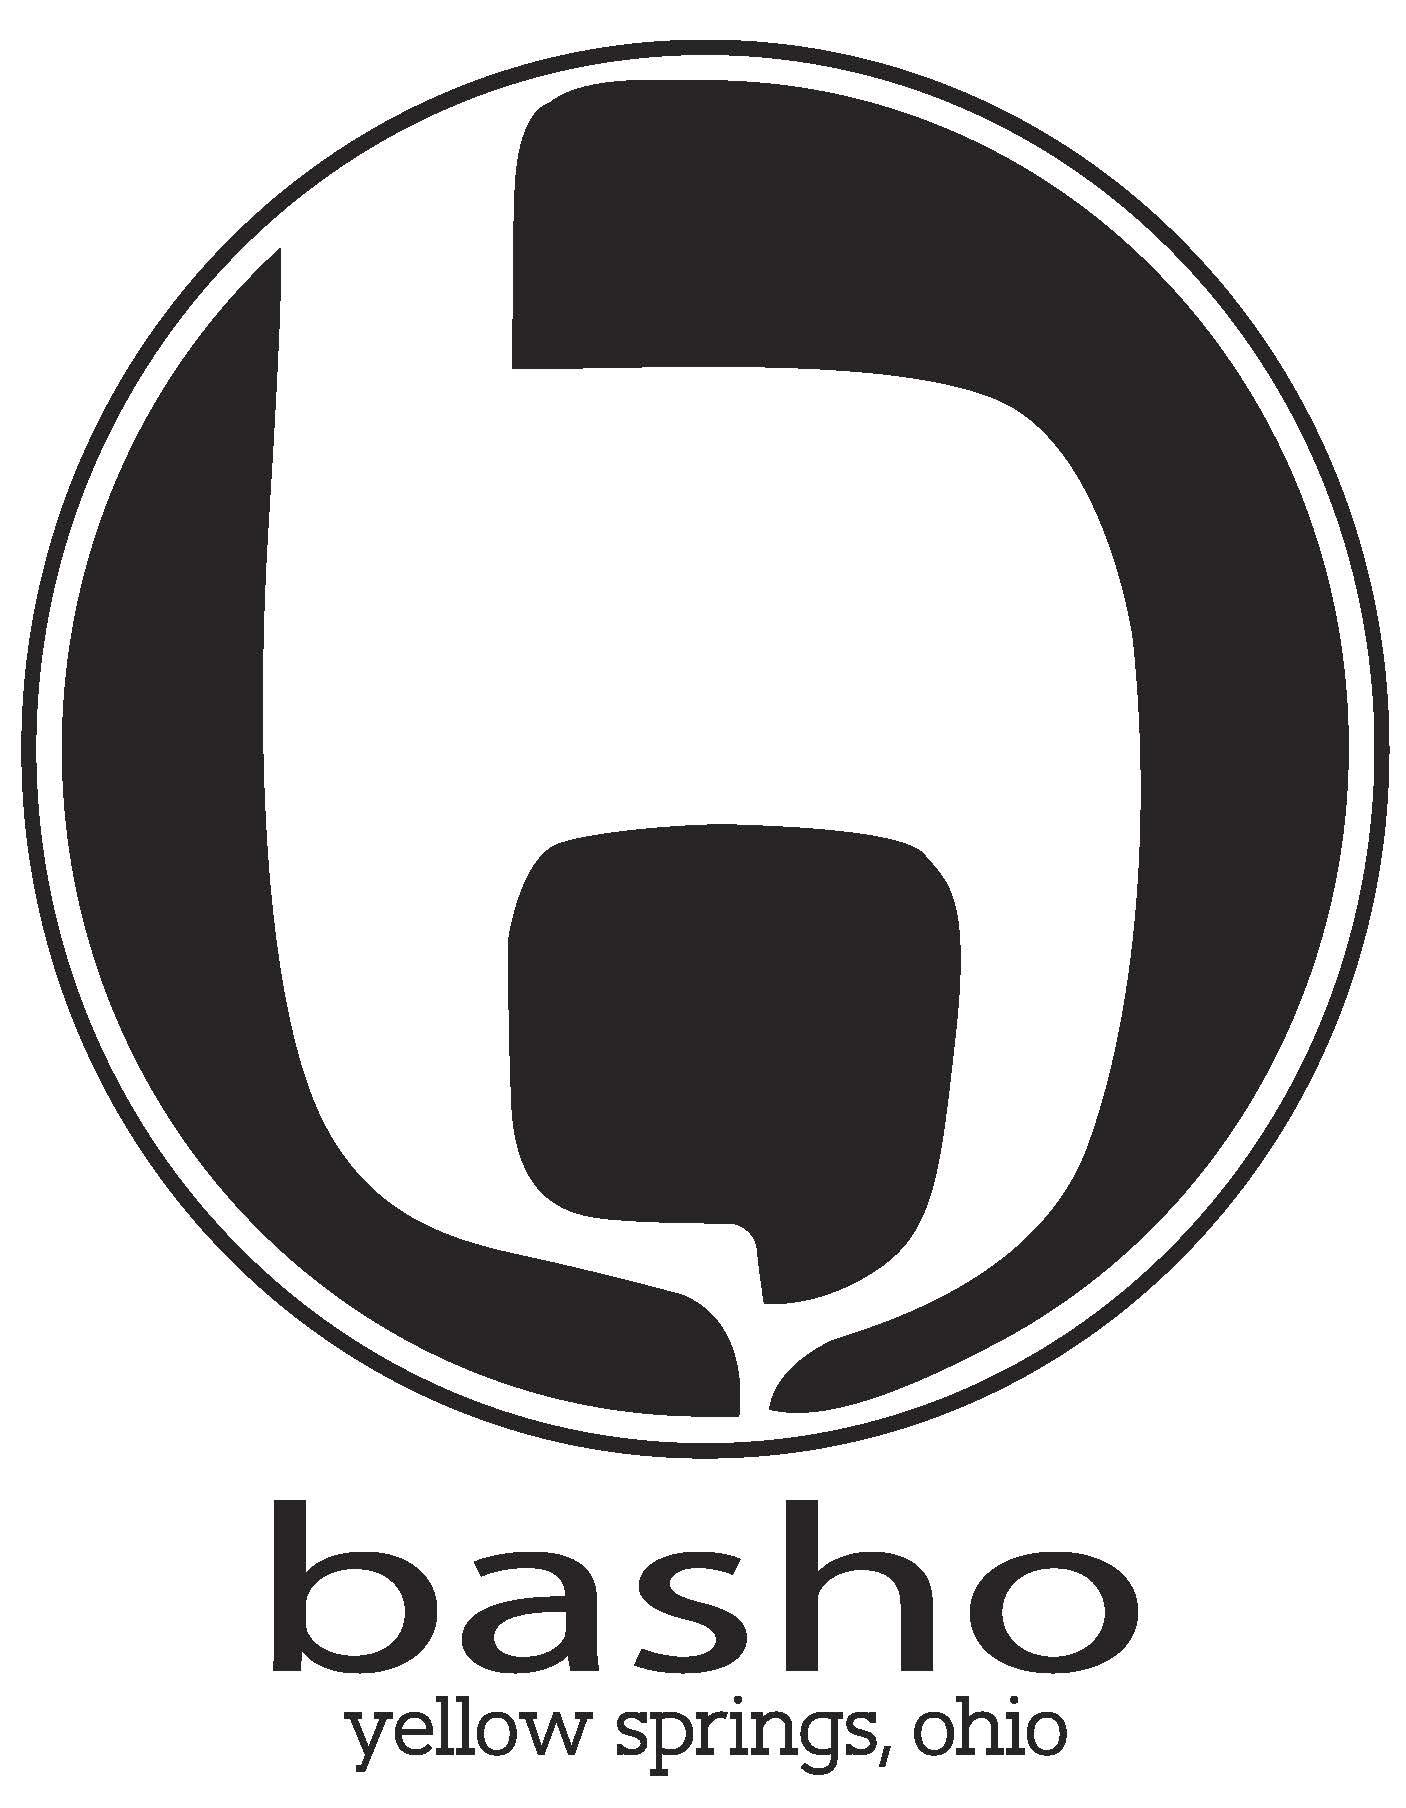 basho_logo_art